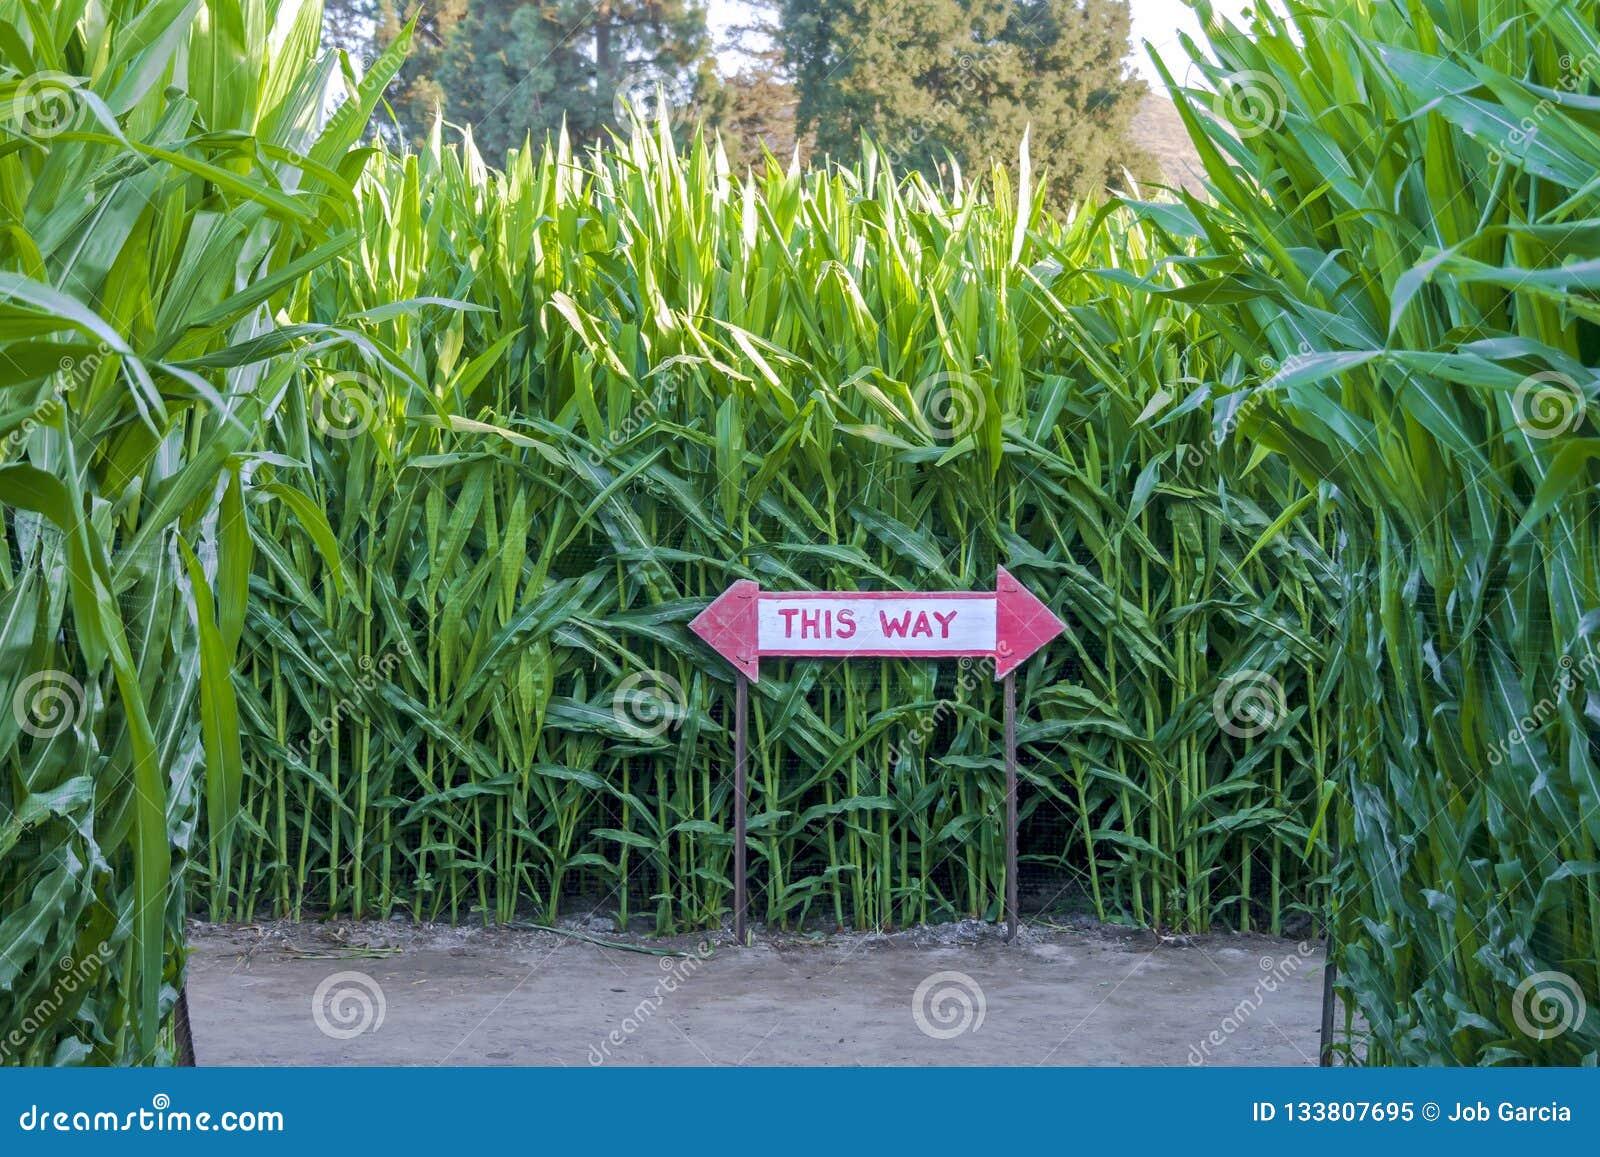 Maislabyrinth mit Richtungszeichen